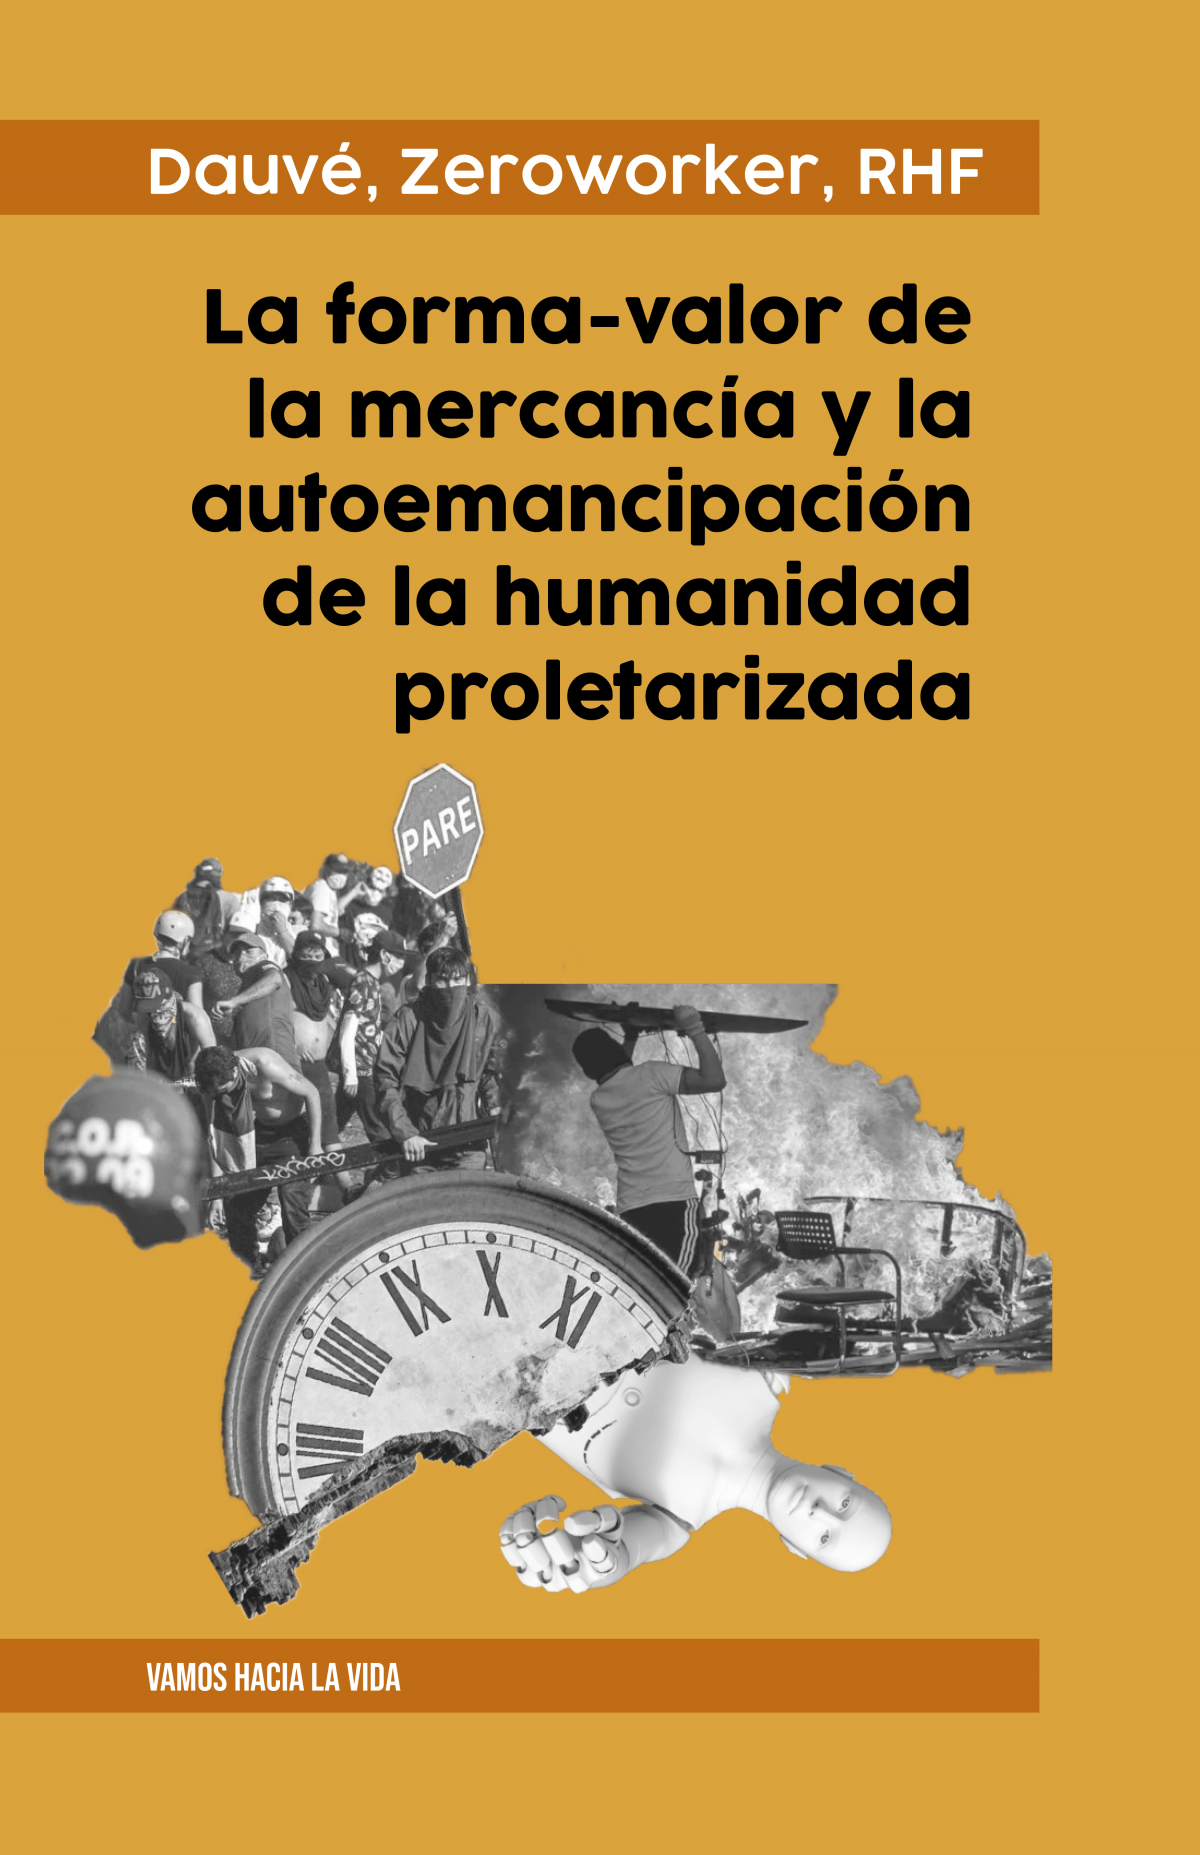 La forma-valor de la mercancía y la autoemancipación de la humanidad proletarizada – Dauvé, Zeroworker, RHF [Vamos hacia la vida]